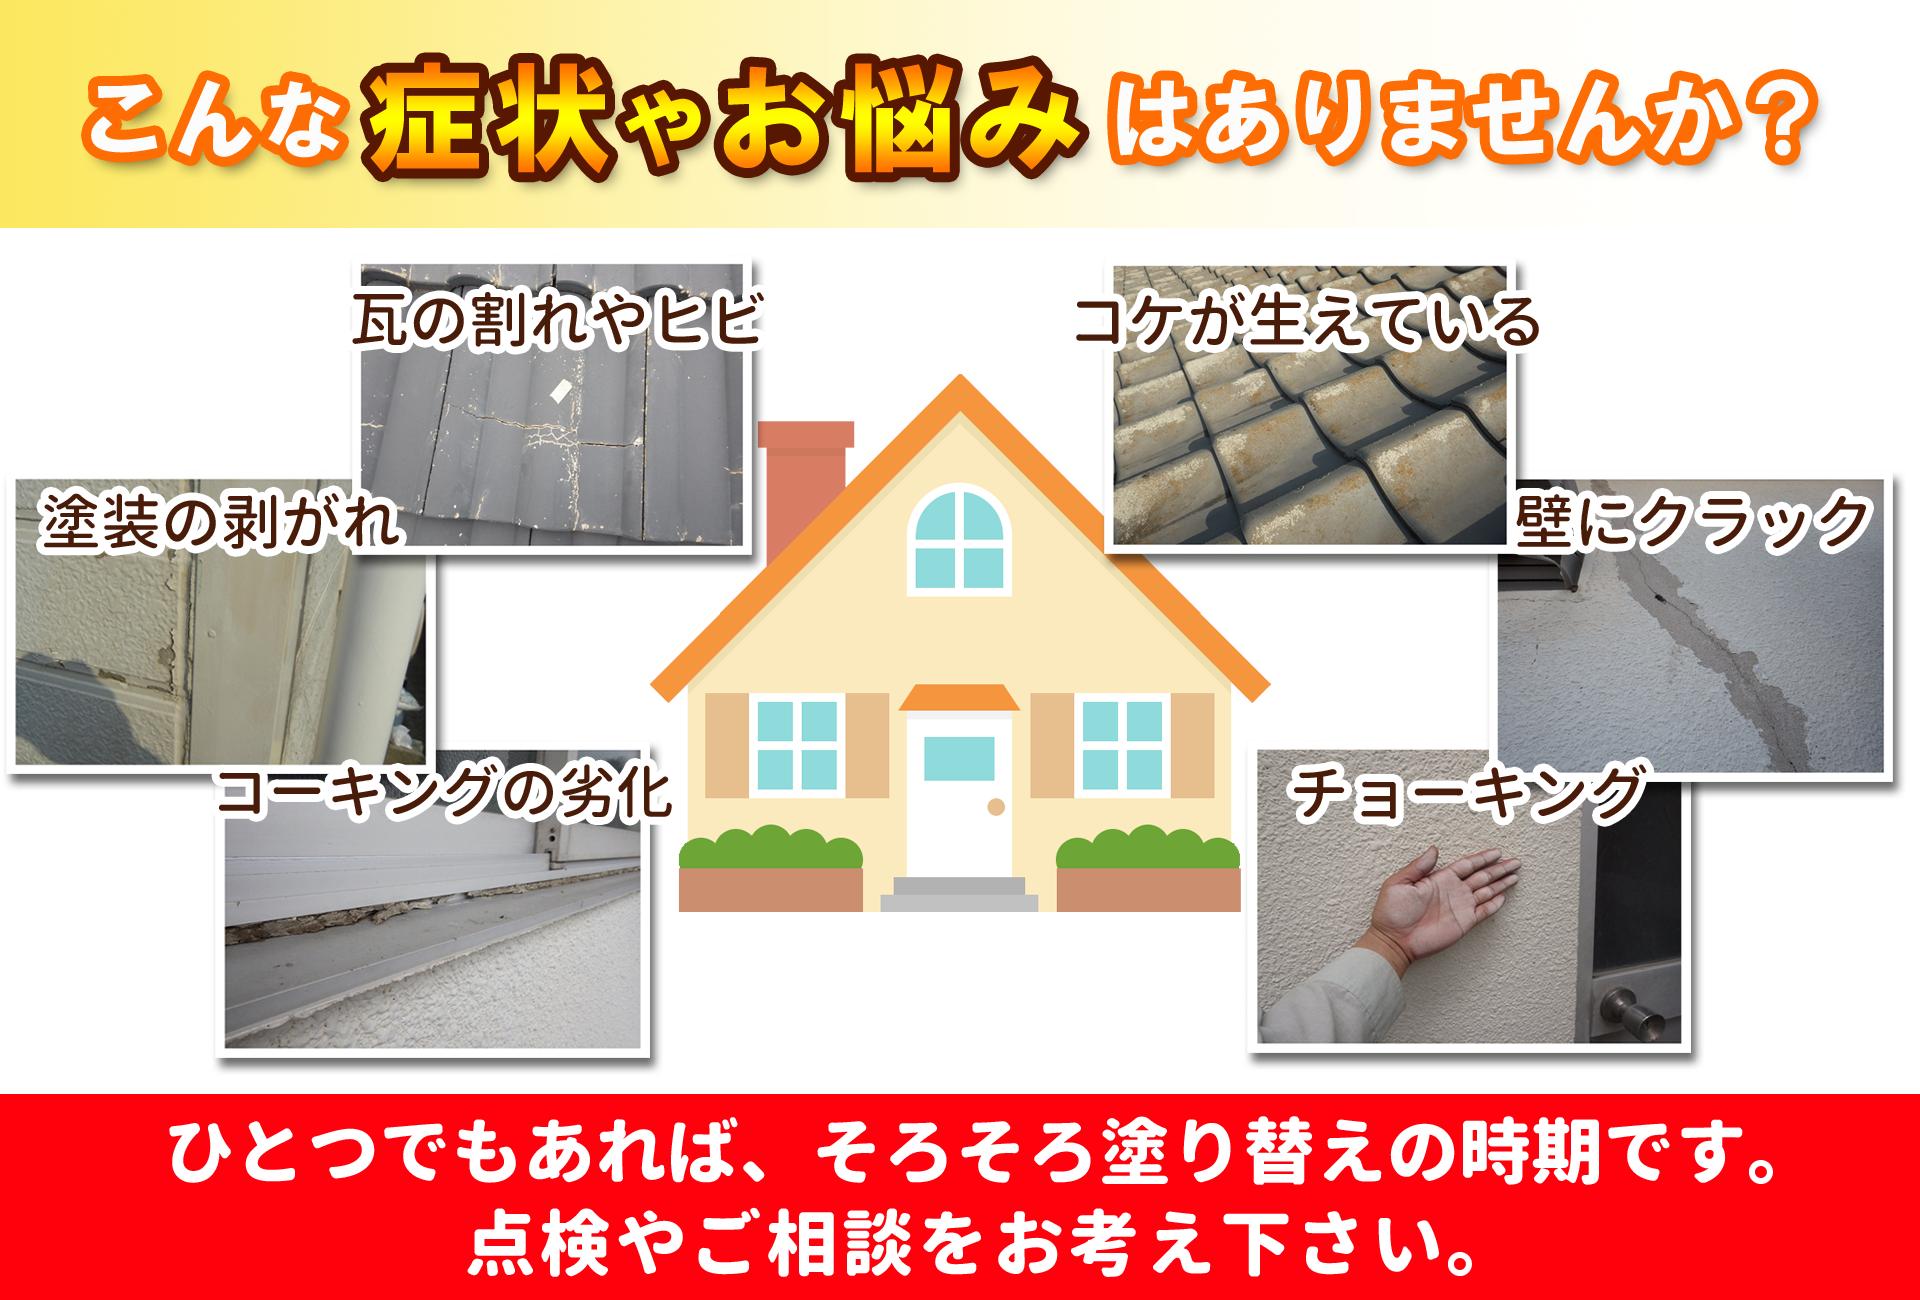 こんな外壁や屋根の症状はありませんか?